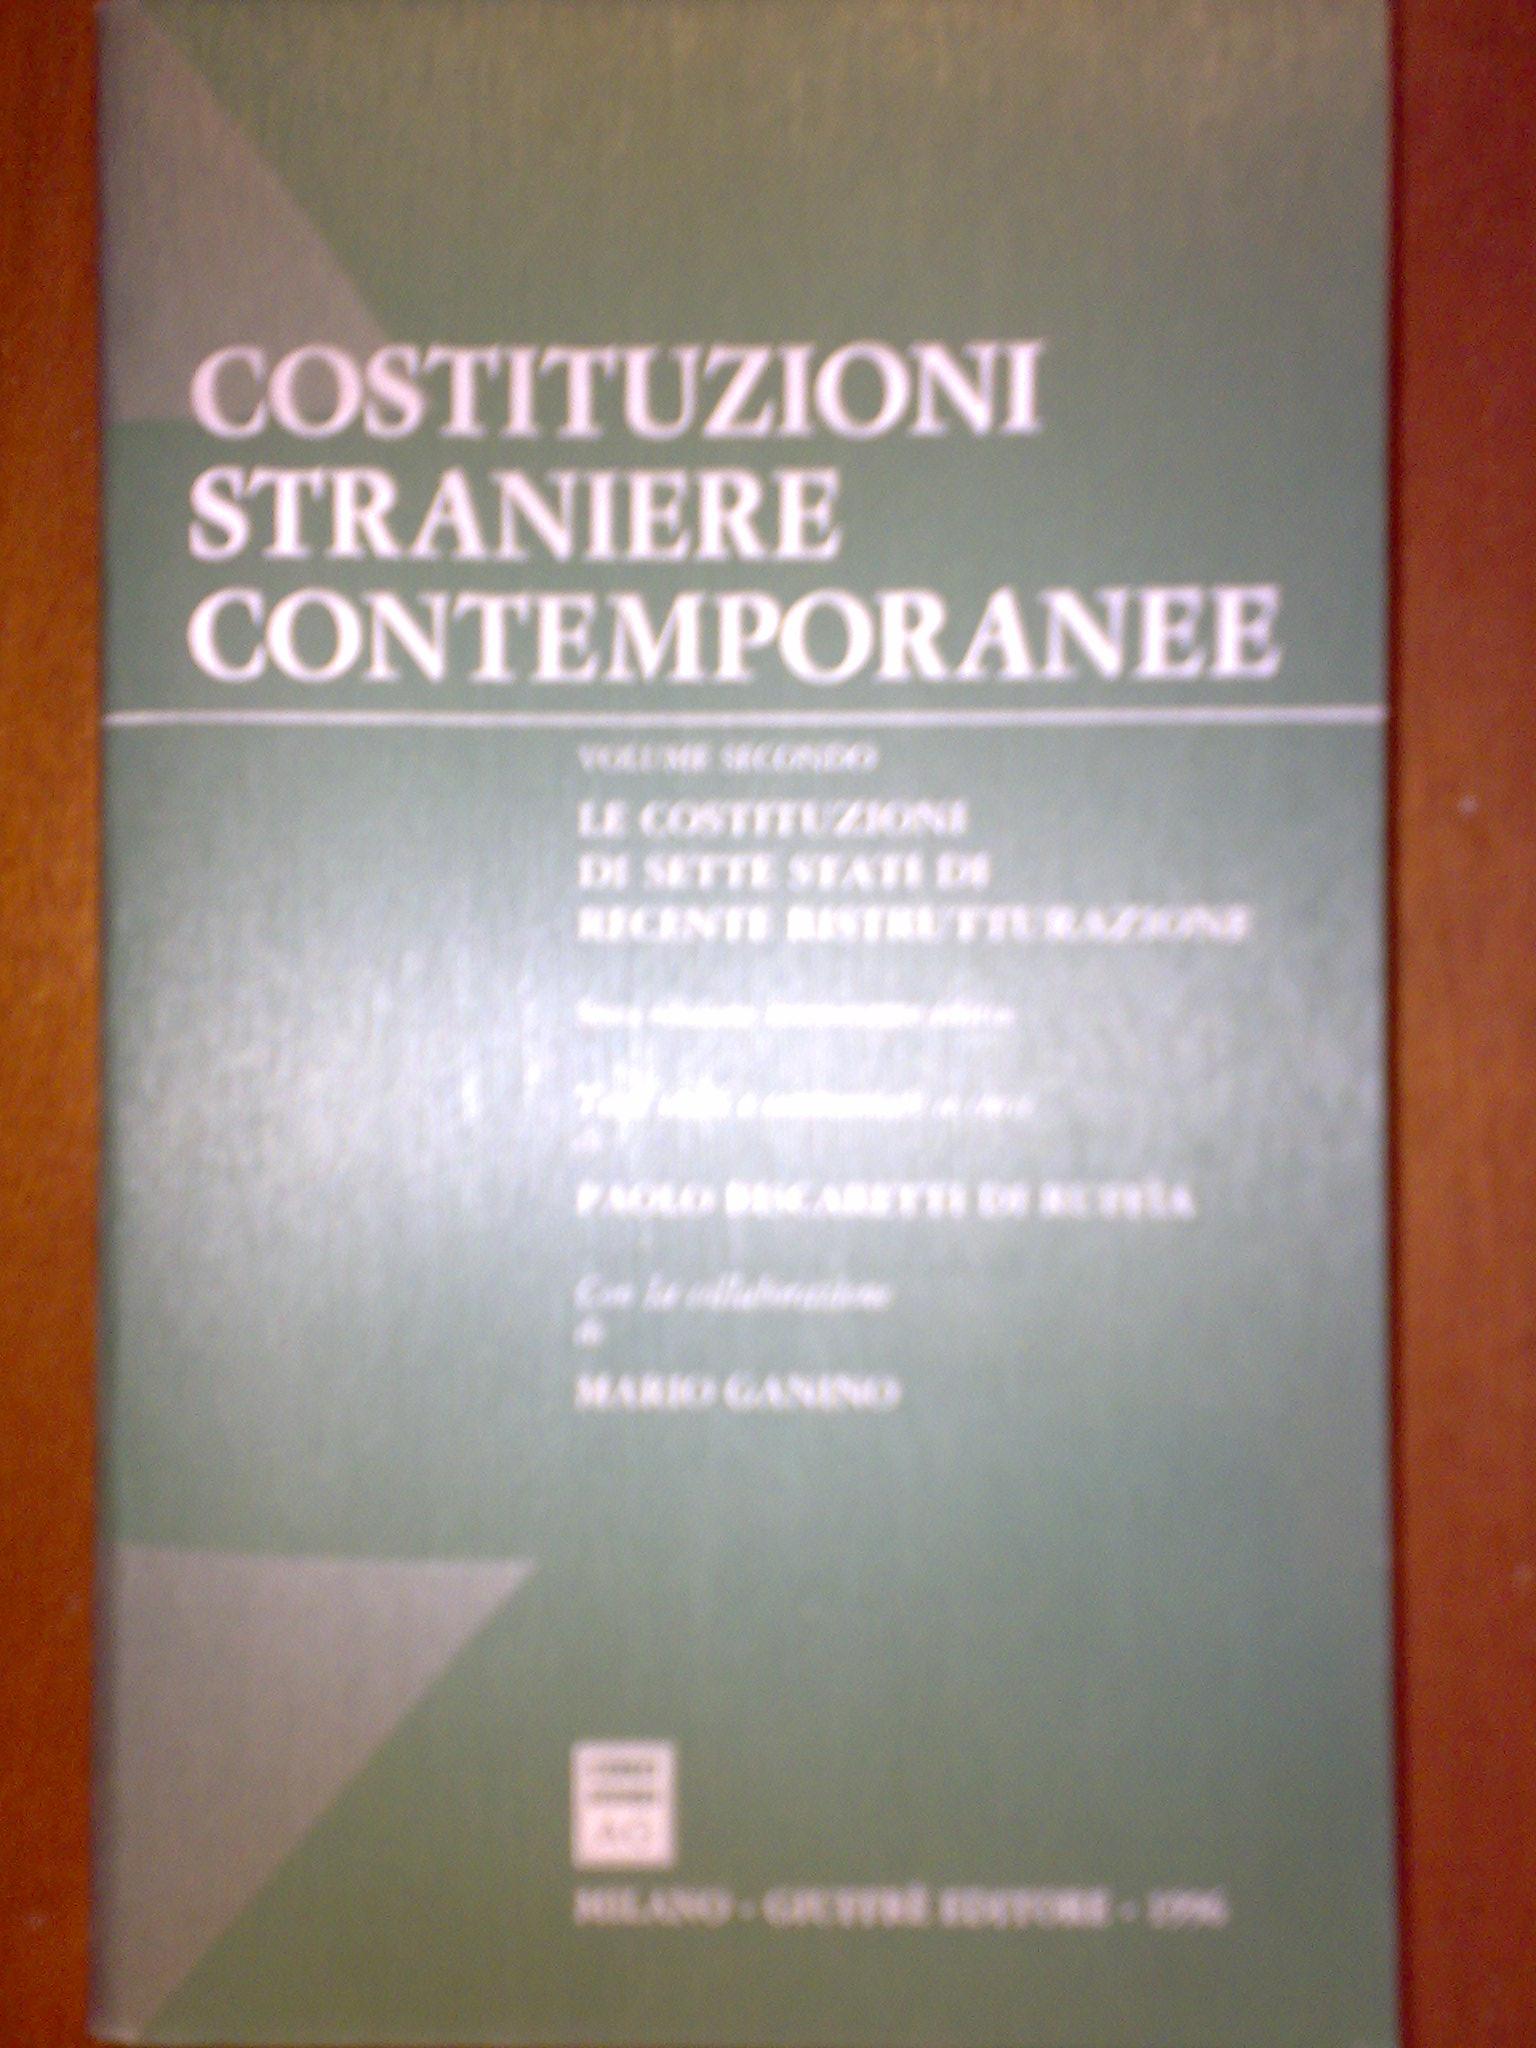 Costituzioni straniere contemporanee / Le Costituzioni di sette Stati di recente ristrutturazione